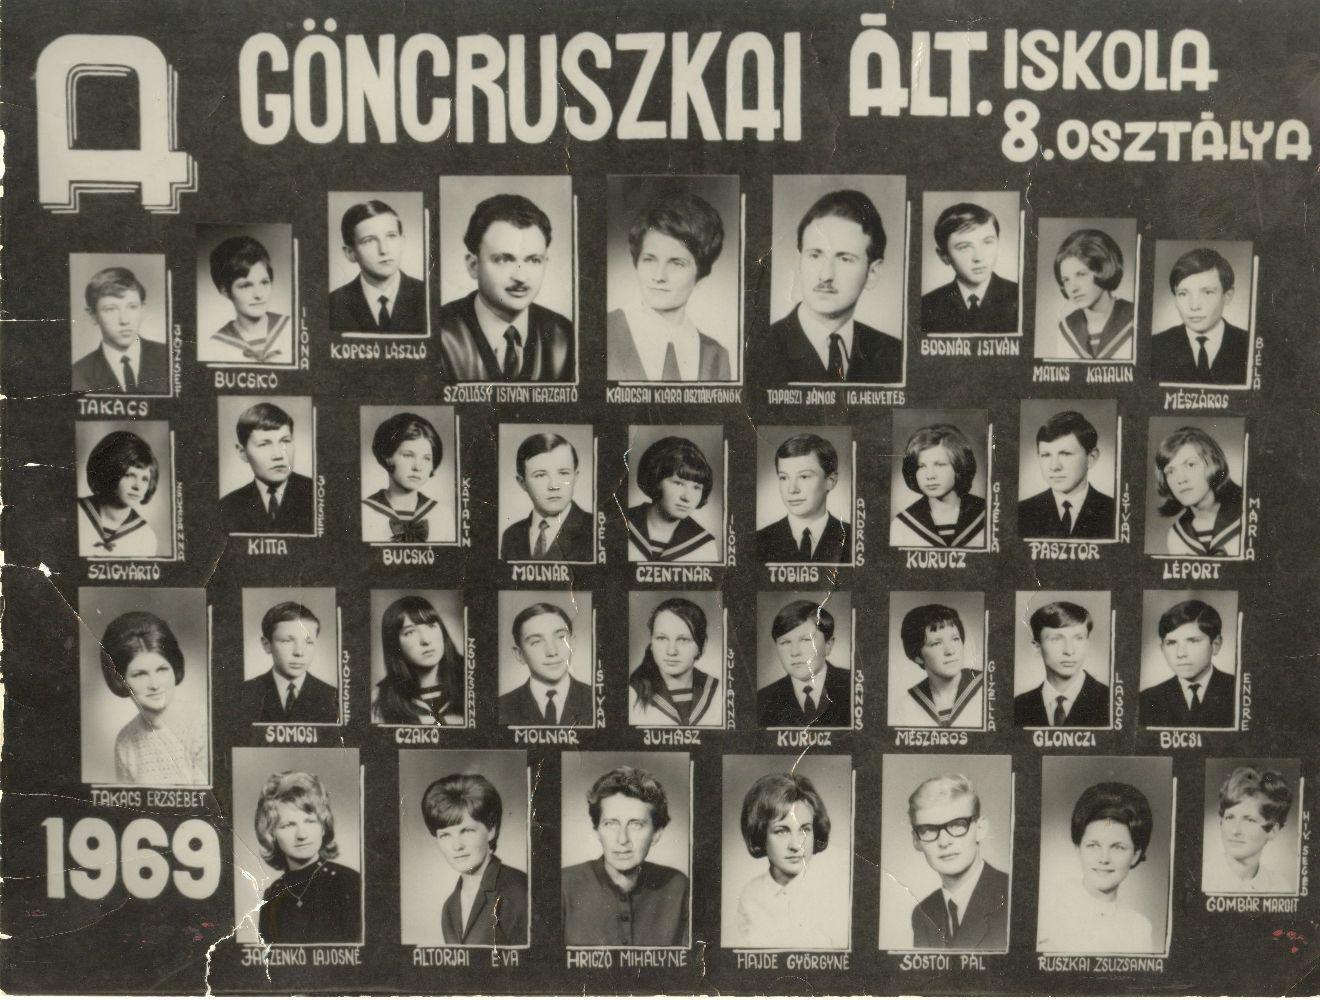 Ált. Iskola, Göncruszka 1969.